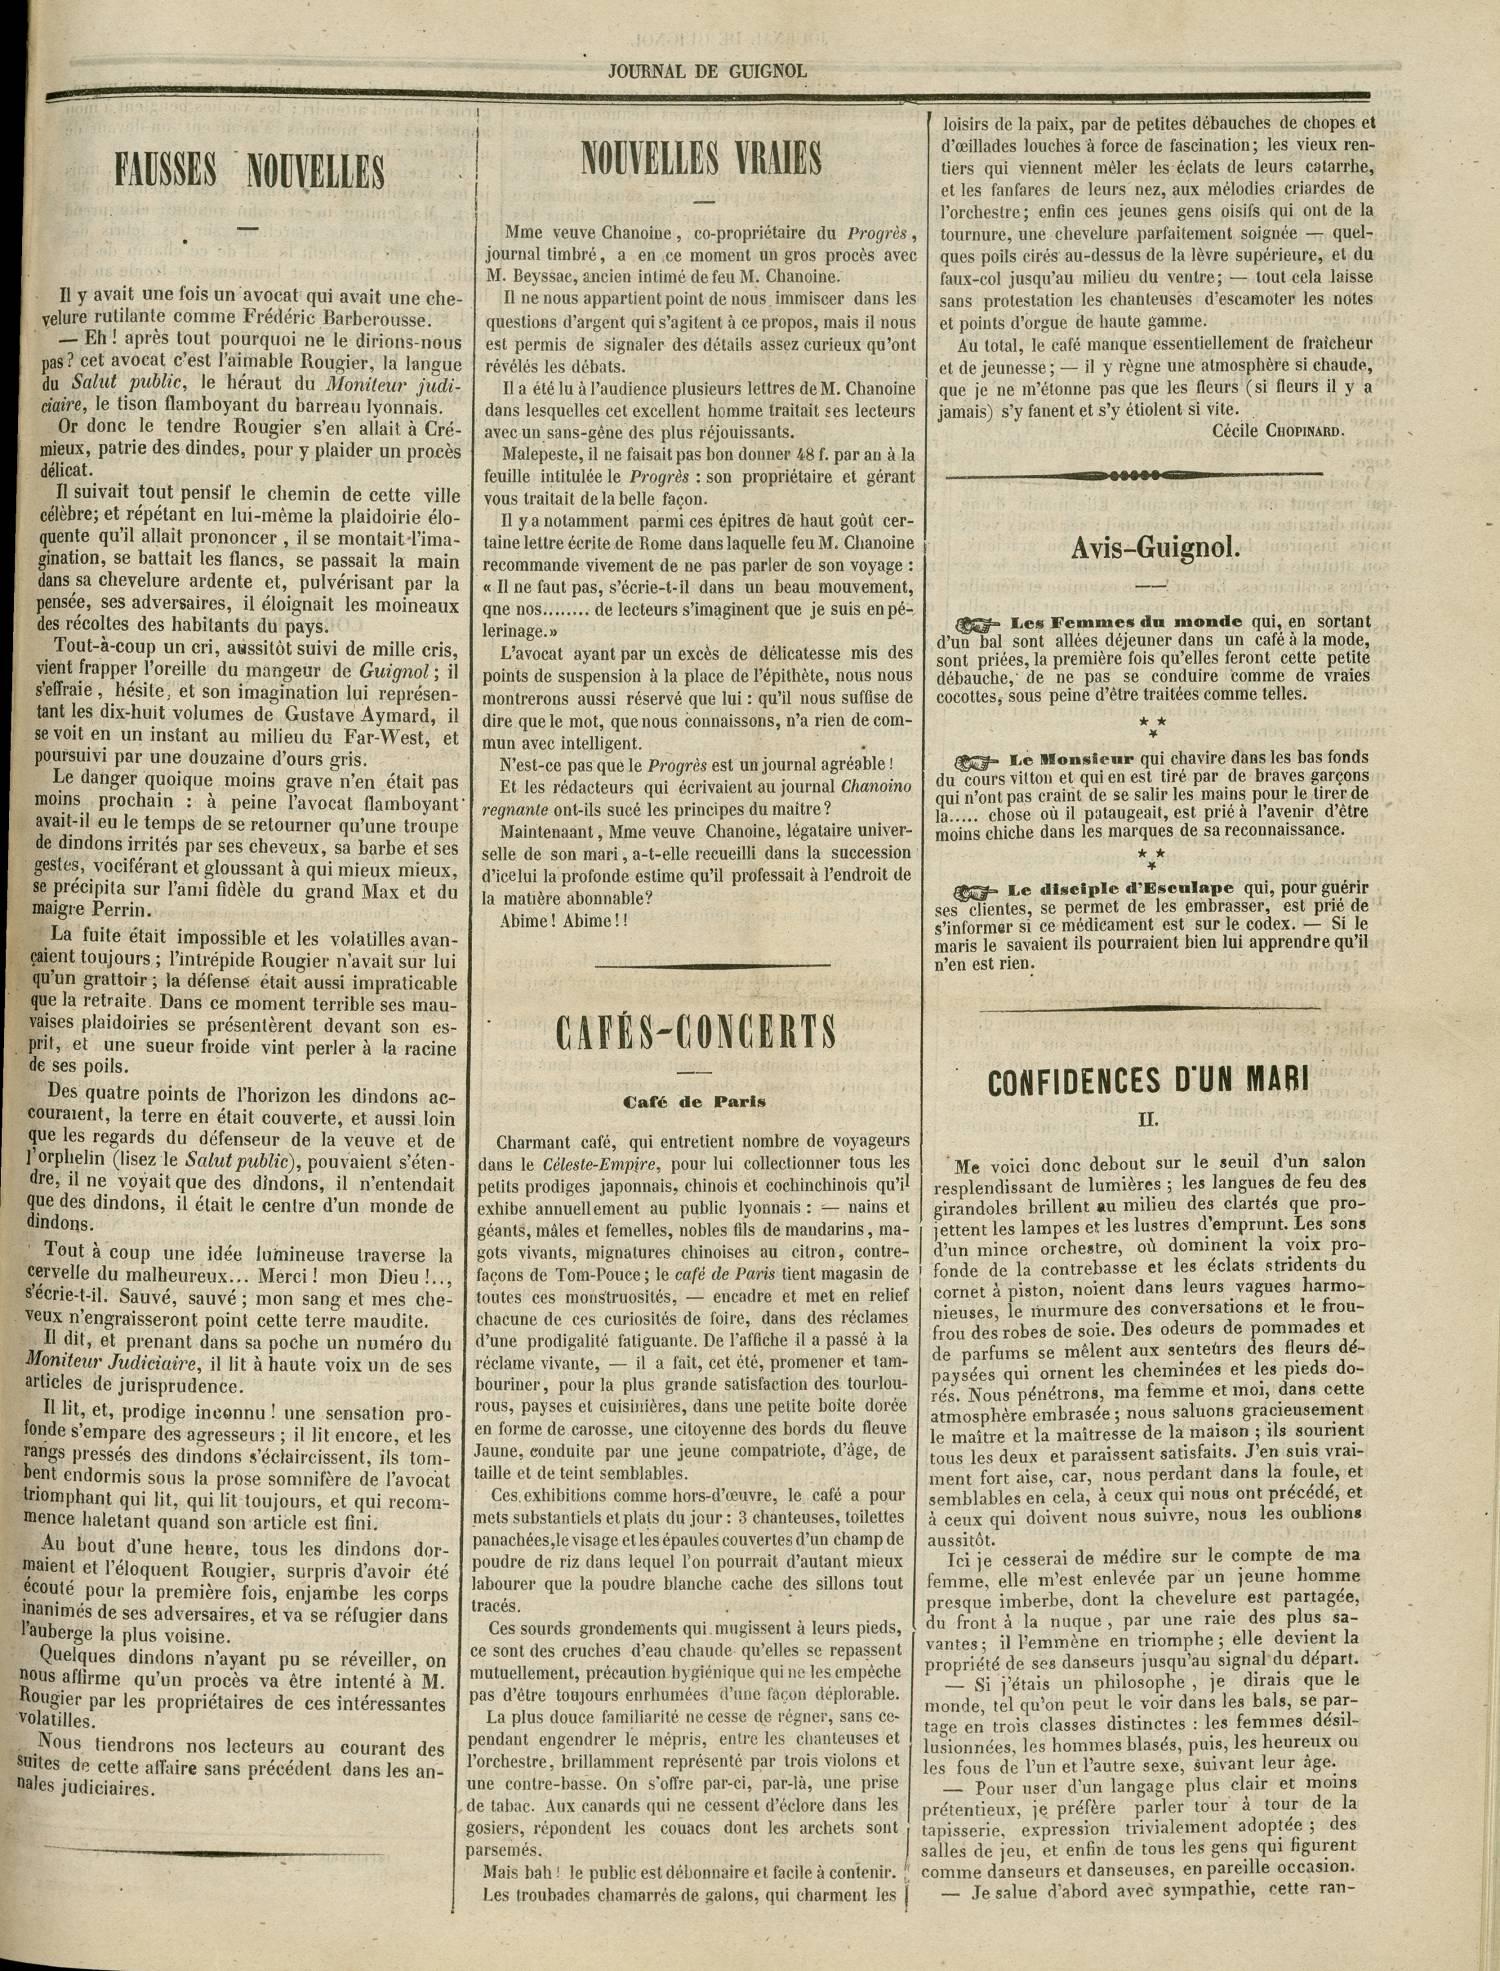 Contenu textuel de l'image : CONFIDENCES D'UN MARI